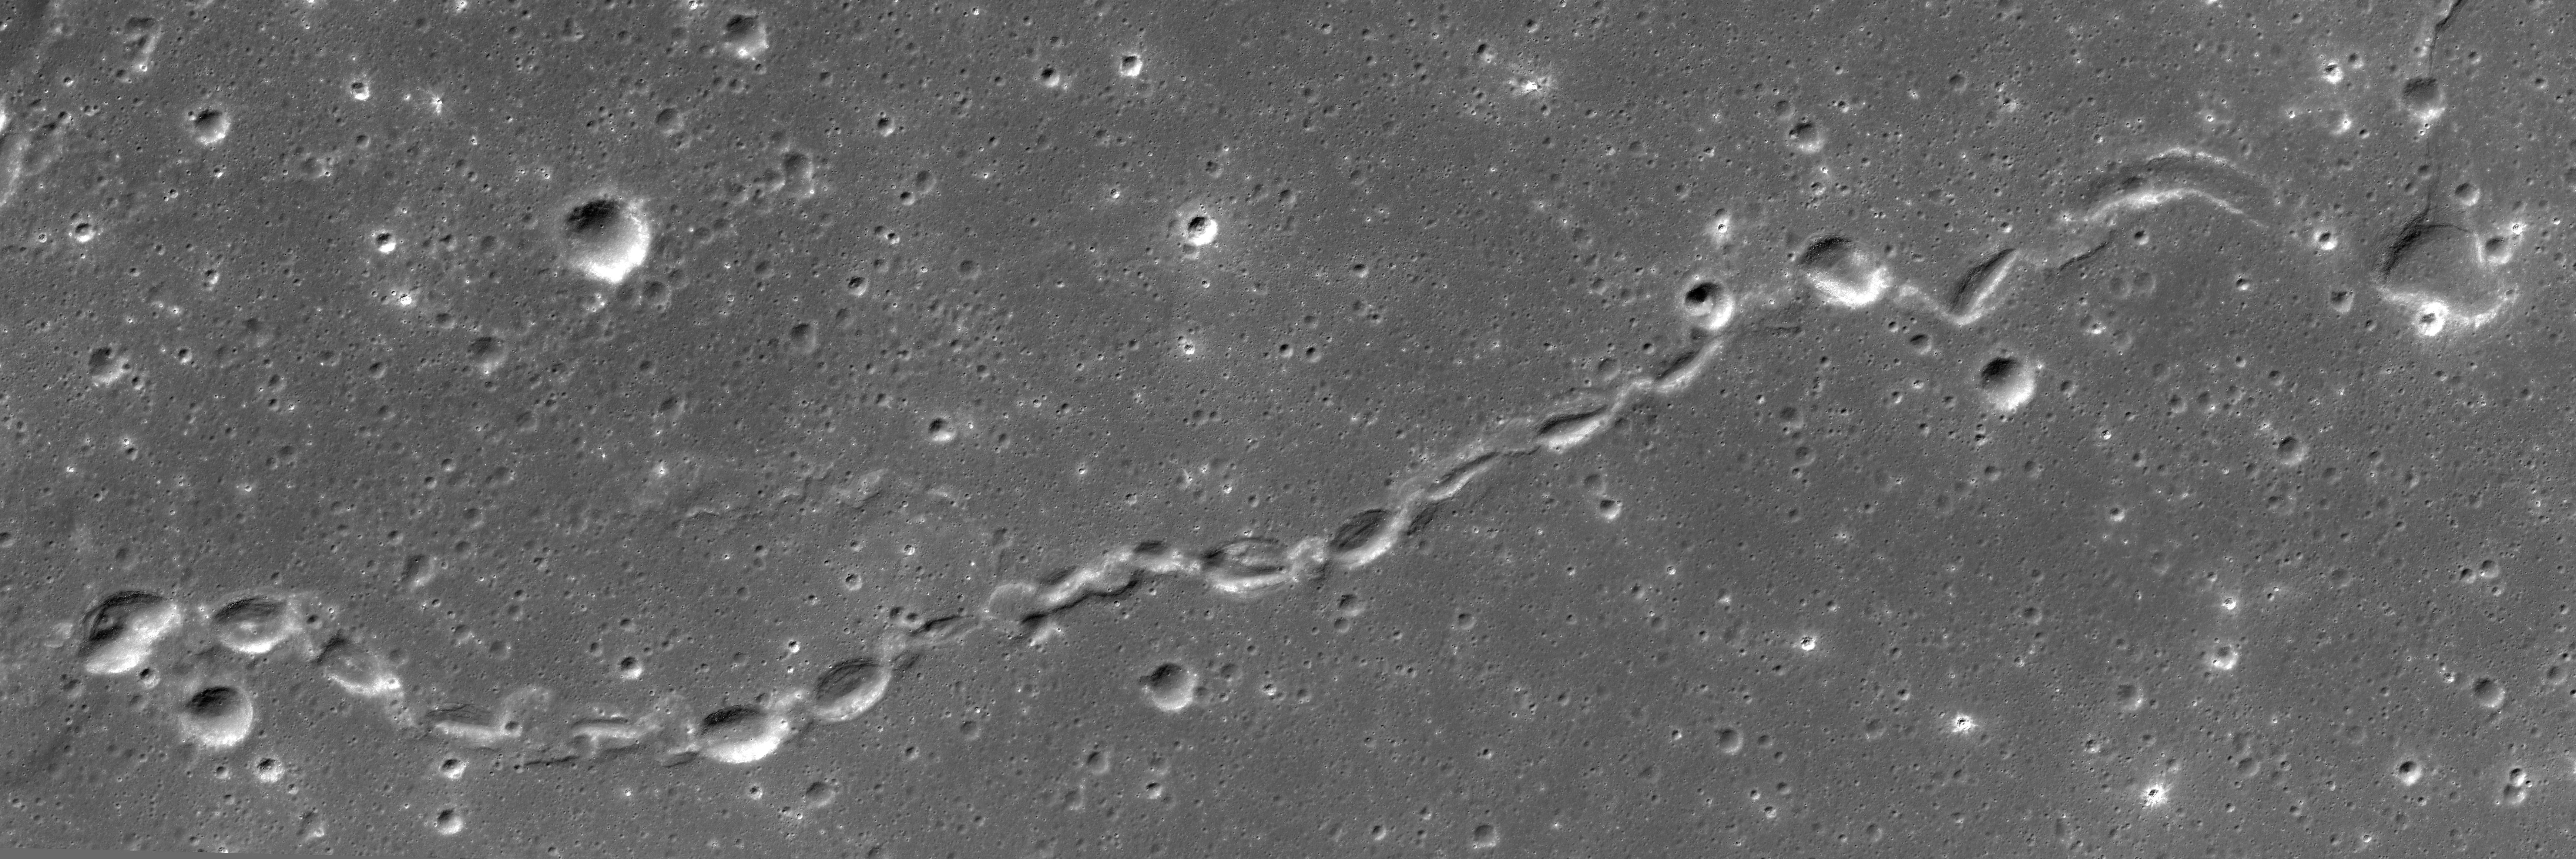 حلقه هایی زنجیره وار را بر جداره های حفره ها که توسط حرکت قوس های الکتریکی ایجاد شده